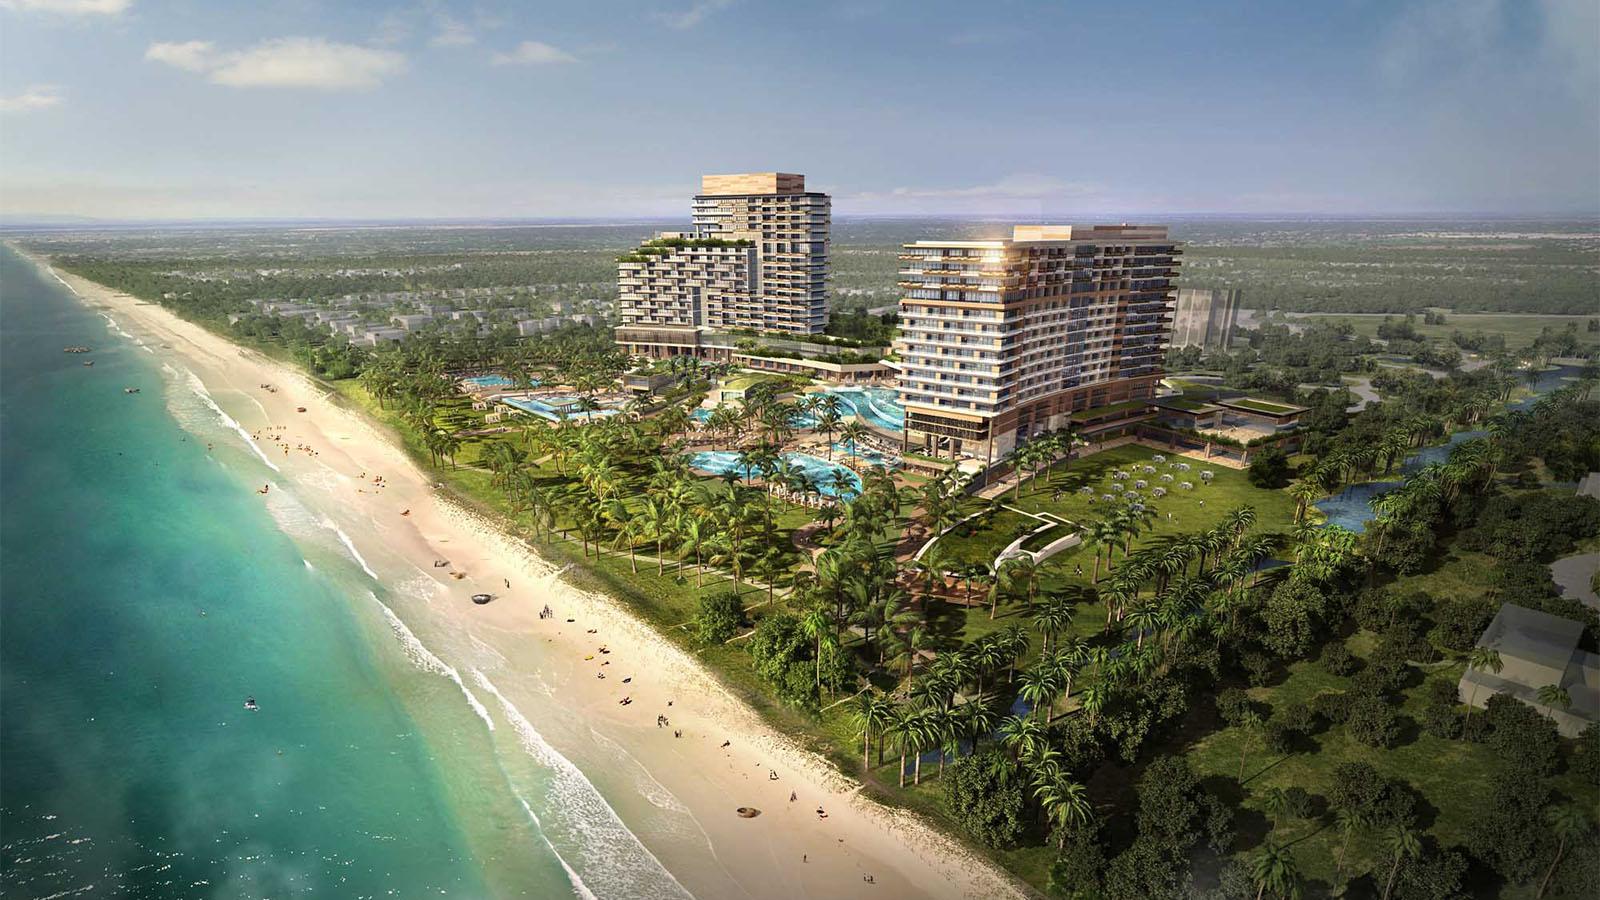 Quảng Nam: Chủ đầu tư khu nghỉ dưỡng, casino vốn đầu tư 4 tỷ USD muốn chuyển nhượng một phần dự án - Ảnh 1.